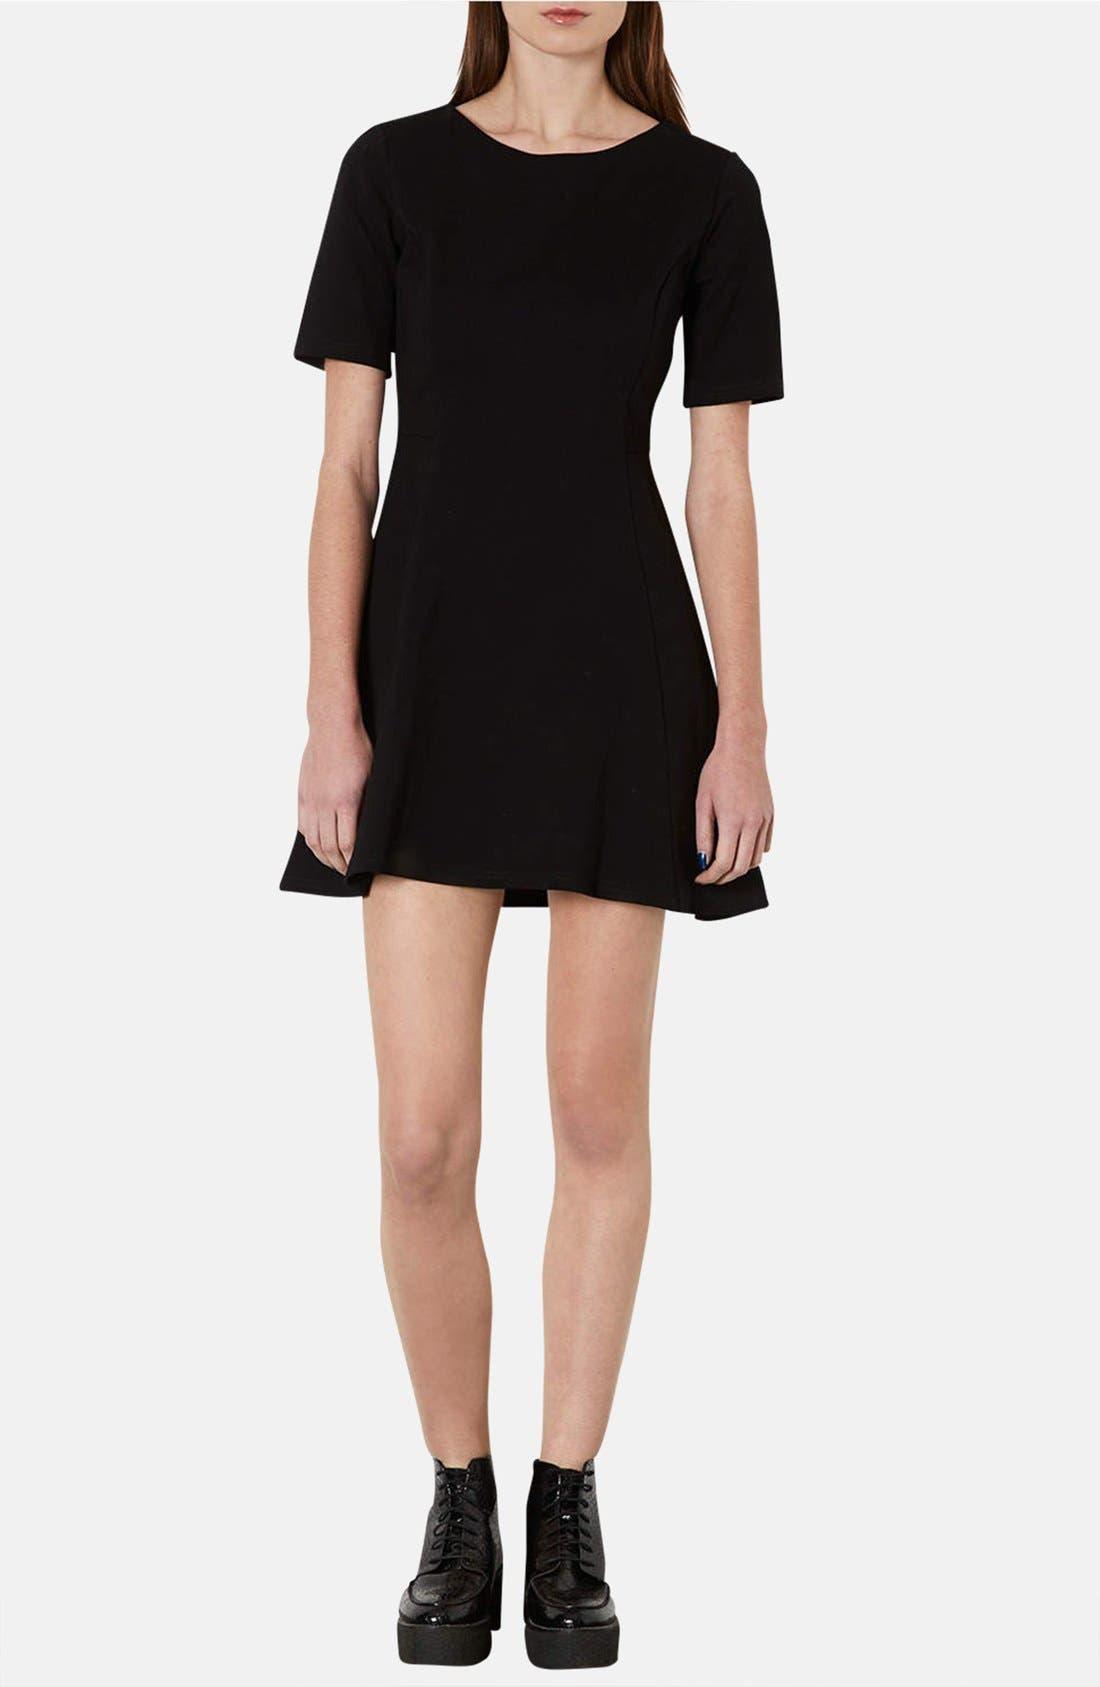 Alternate Image 1 Selected - Topshop Jersey Skater Dress